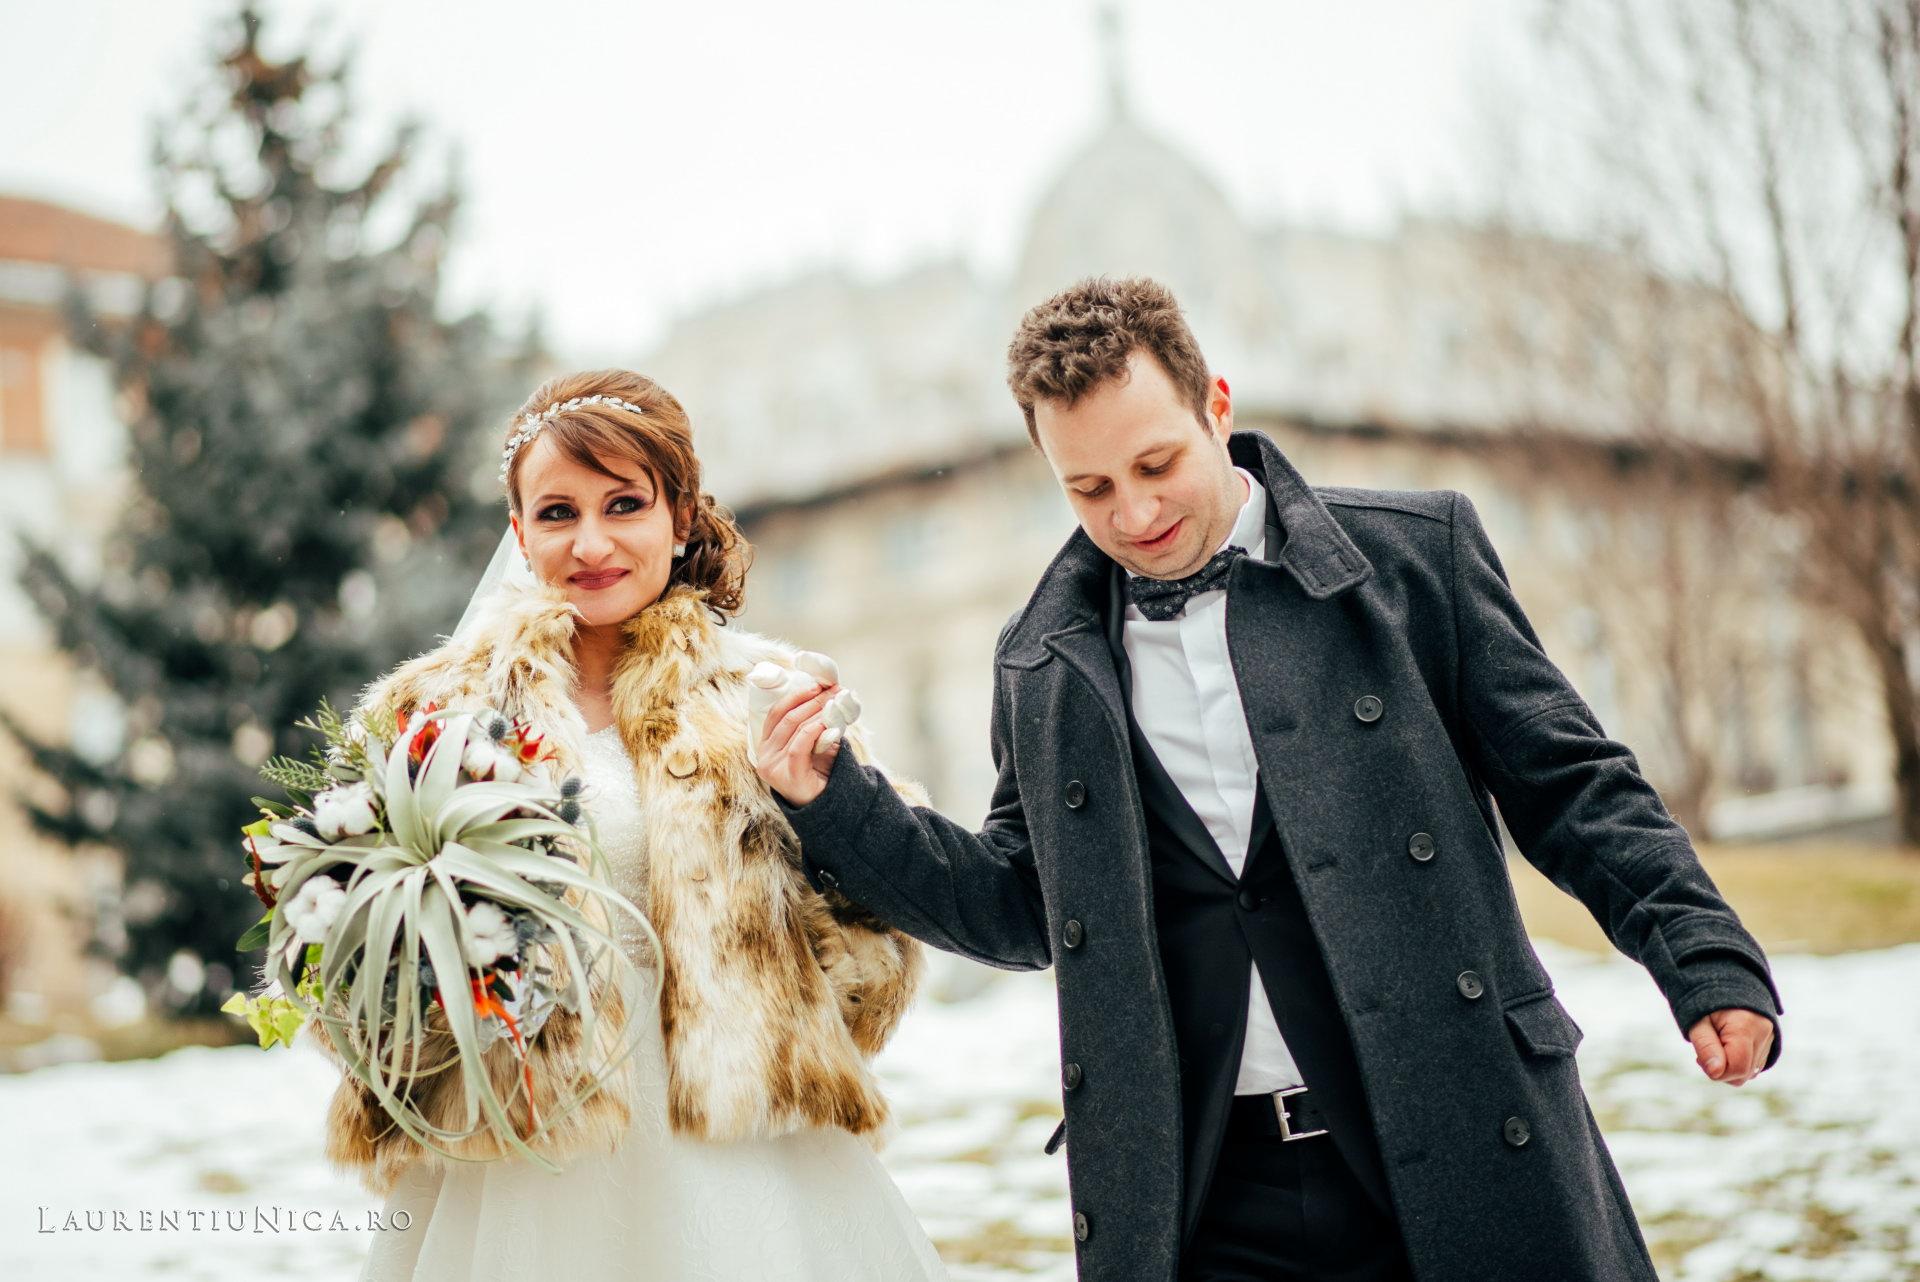 daniela si marius fotografii nunta craiova laurentiu nica43 - Daniela & Marius | Fotografii nunta